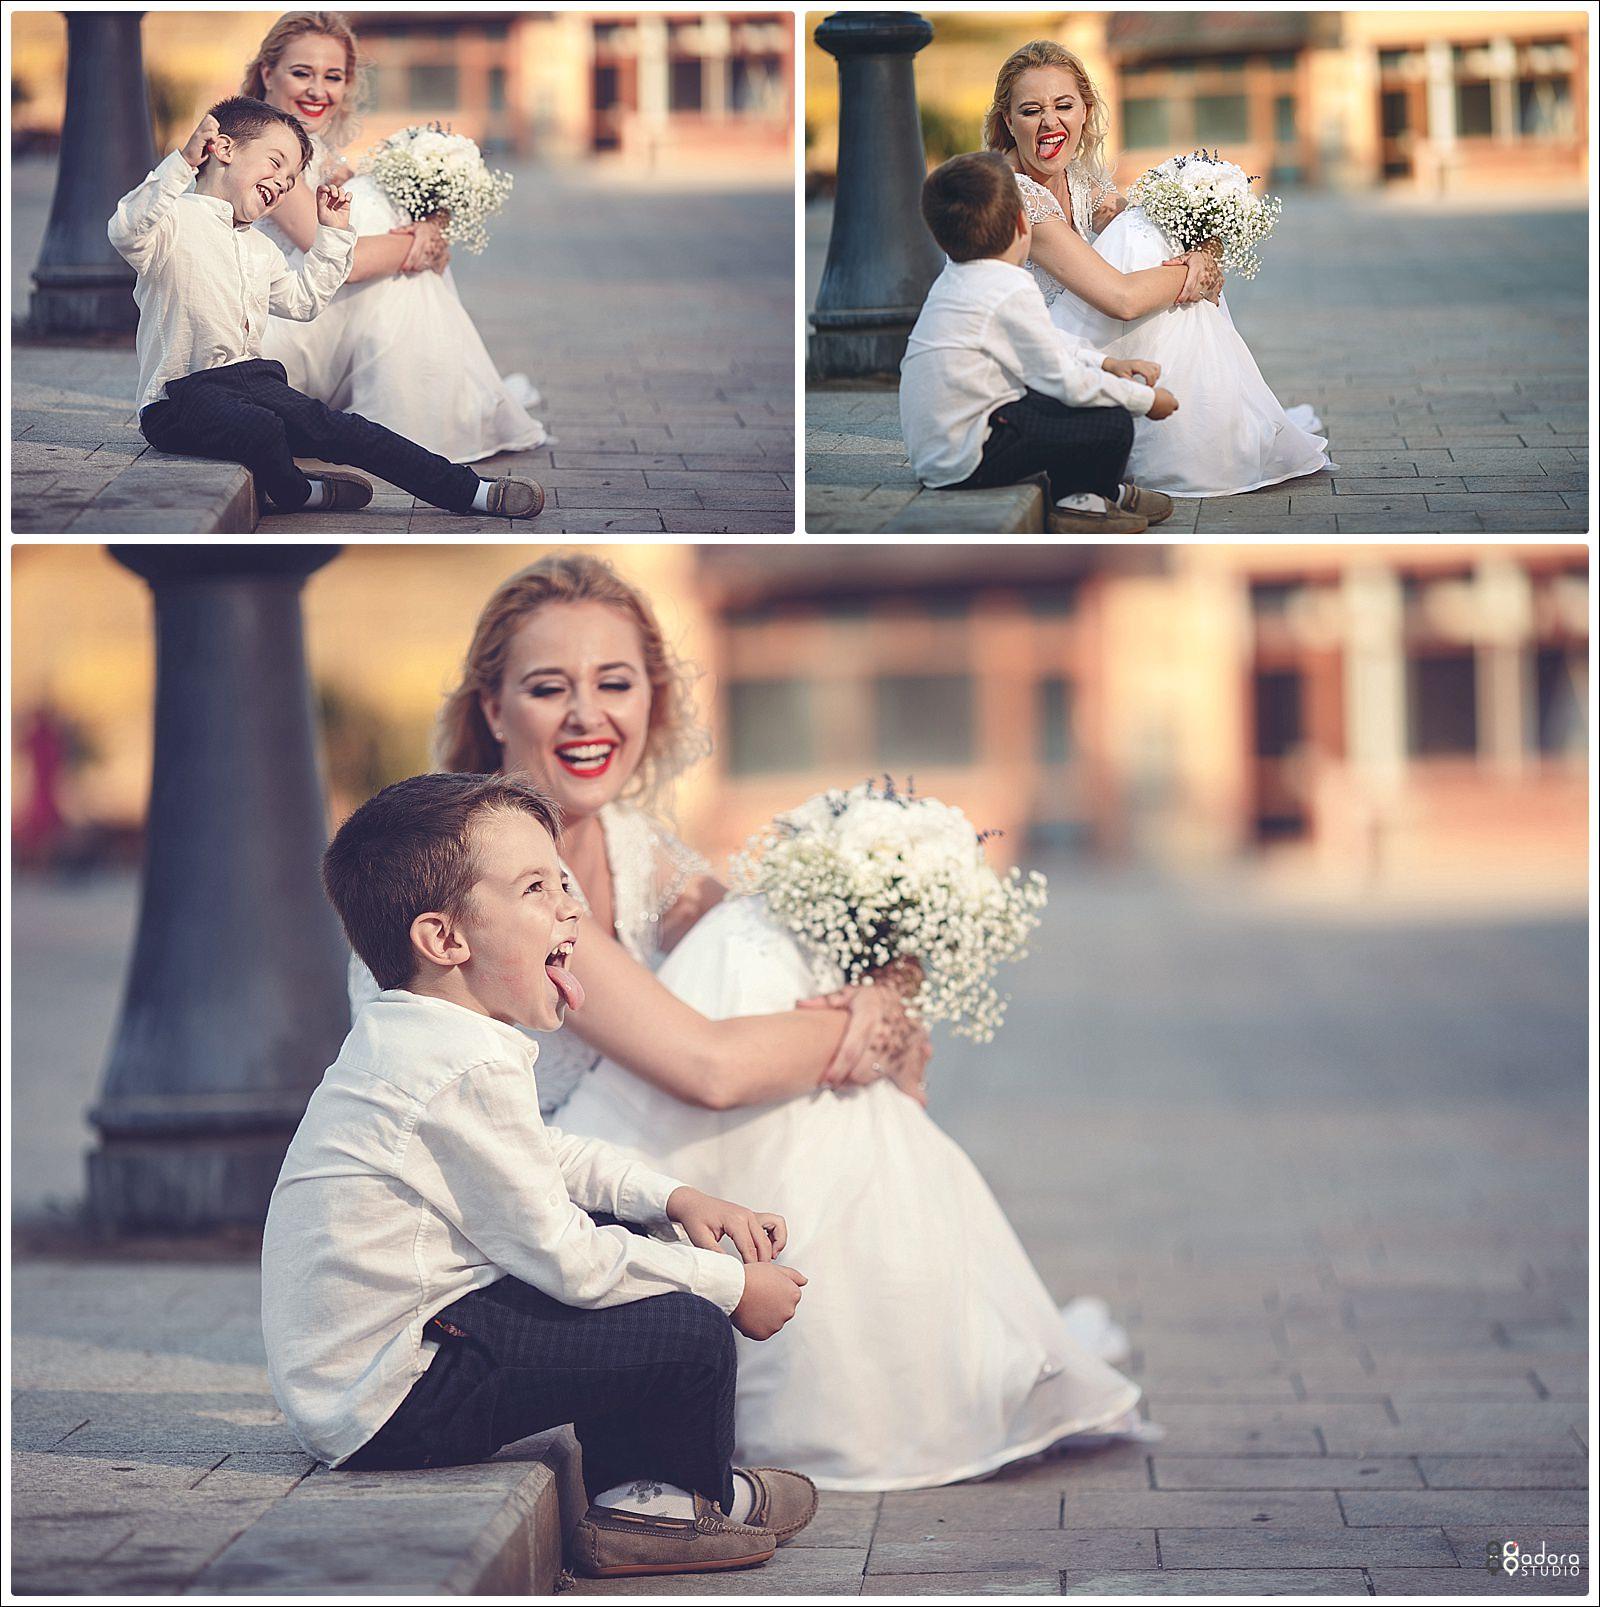 poze-nunta-piata-Ovidiu